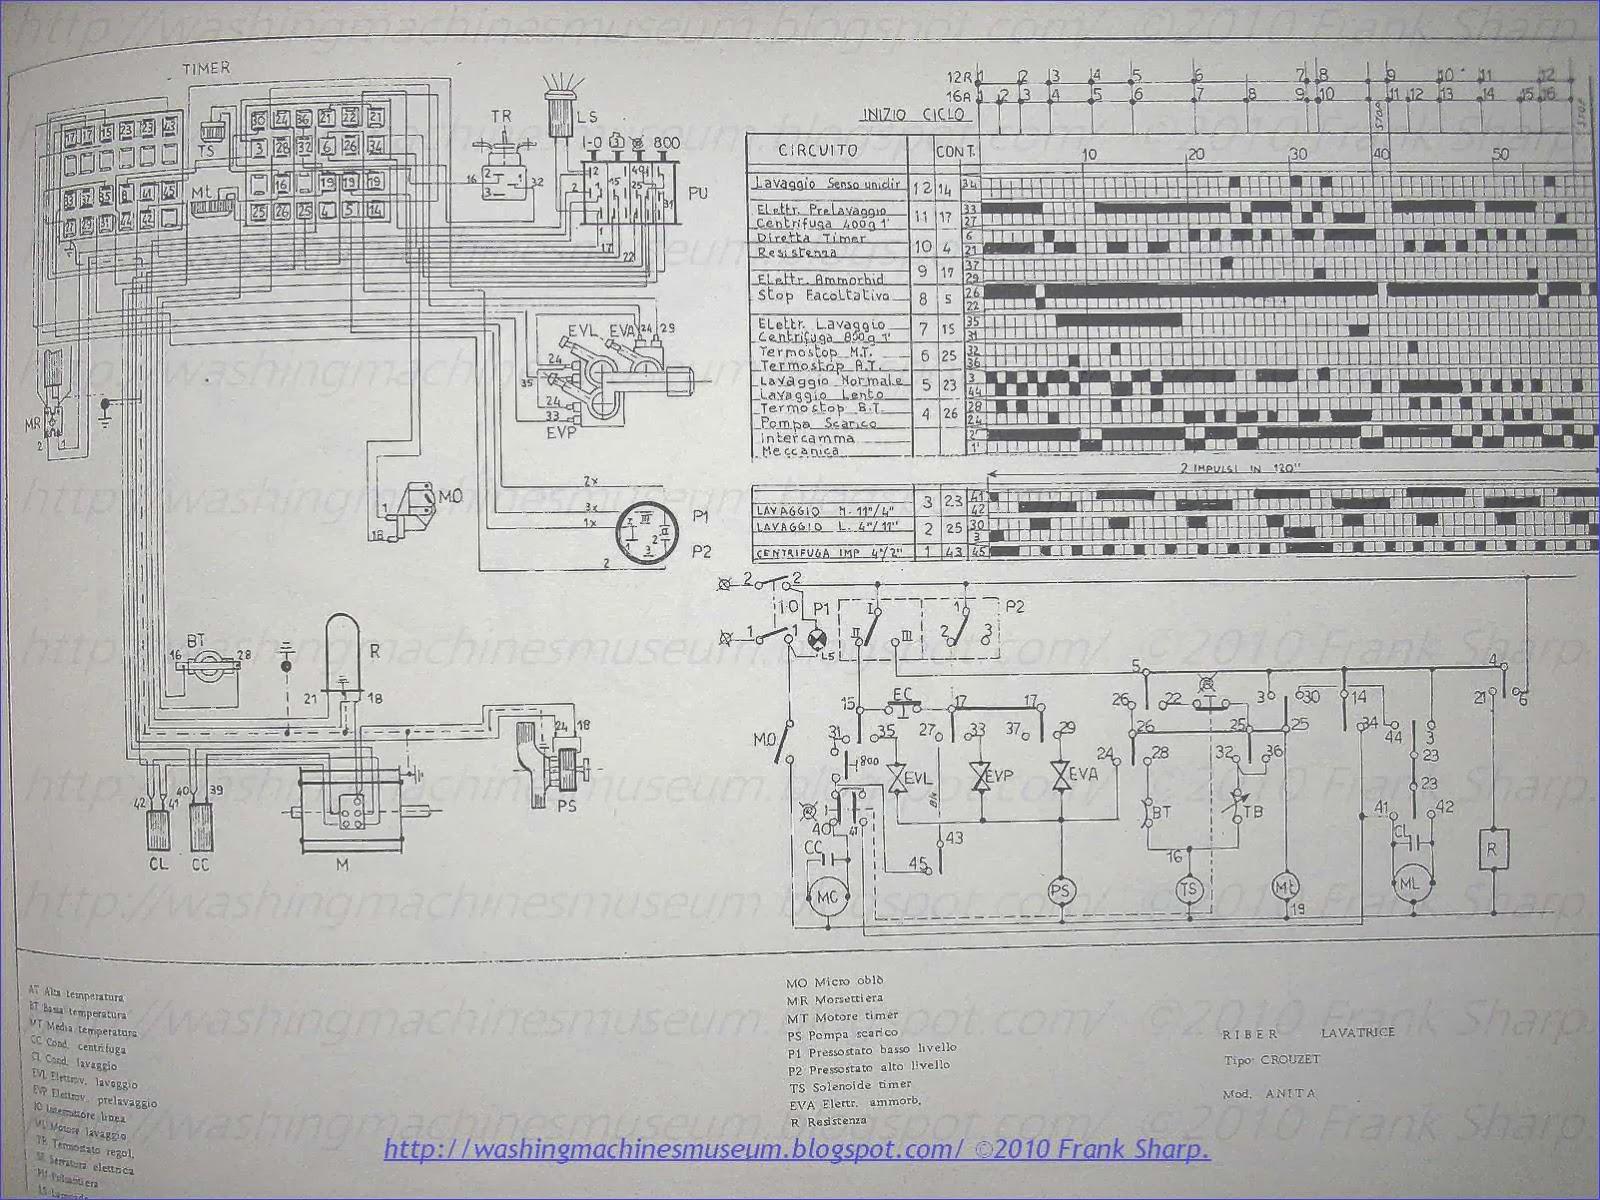 washer rama museum riber mod anita timer crouzet sharp washing machine wiring diagram admiral washing machine wiring diagram